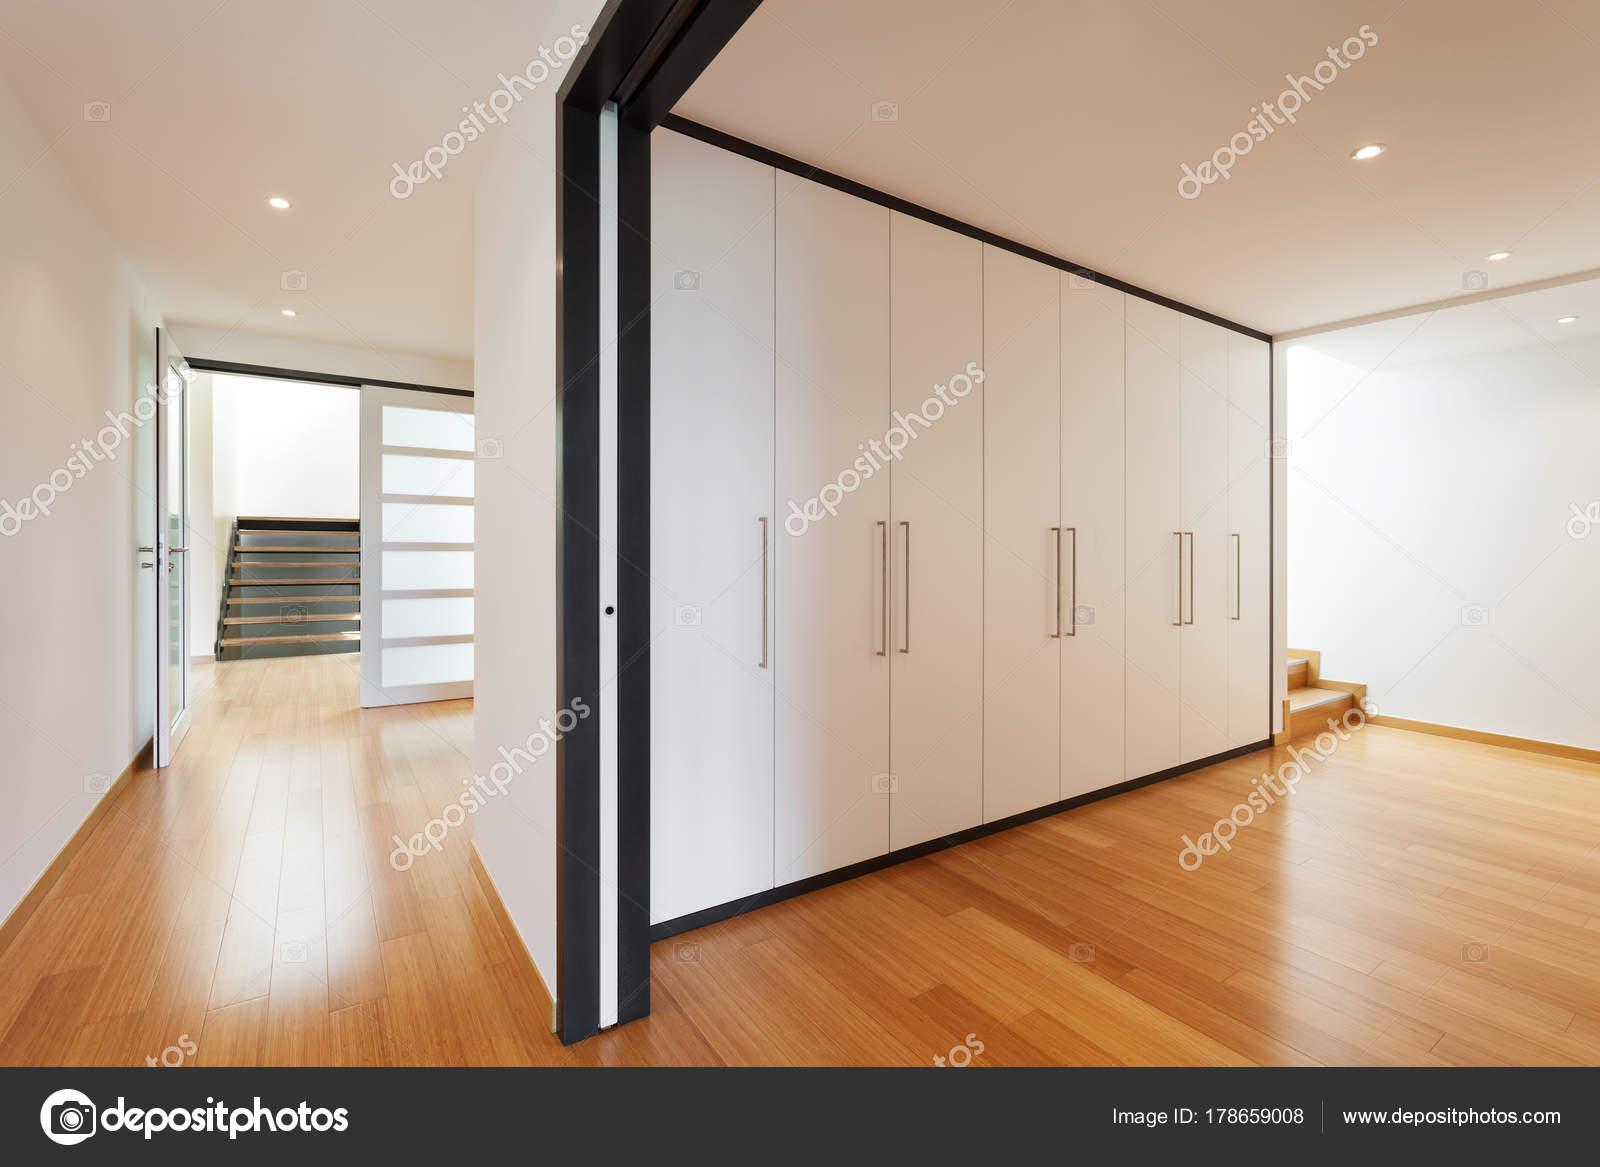 Corridoio Lungo Casa : Interno corridoio con armadi u foto stock zveiger